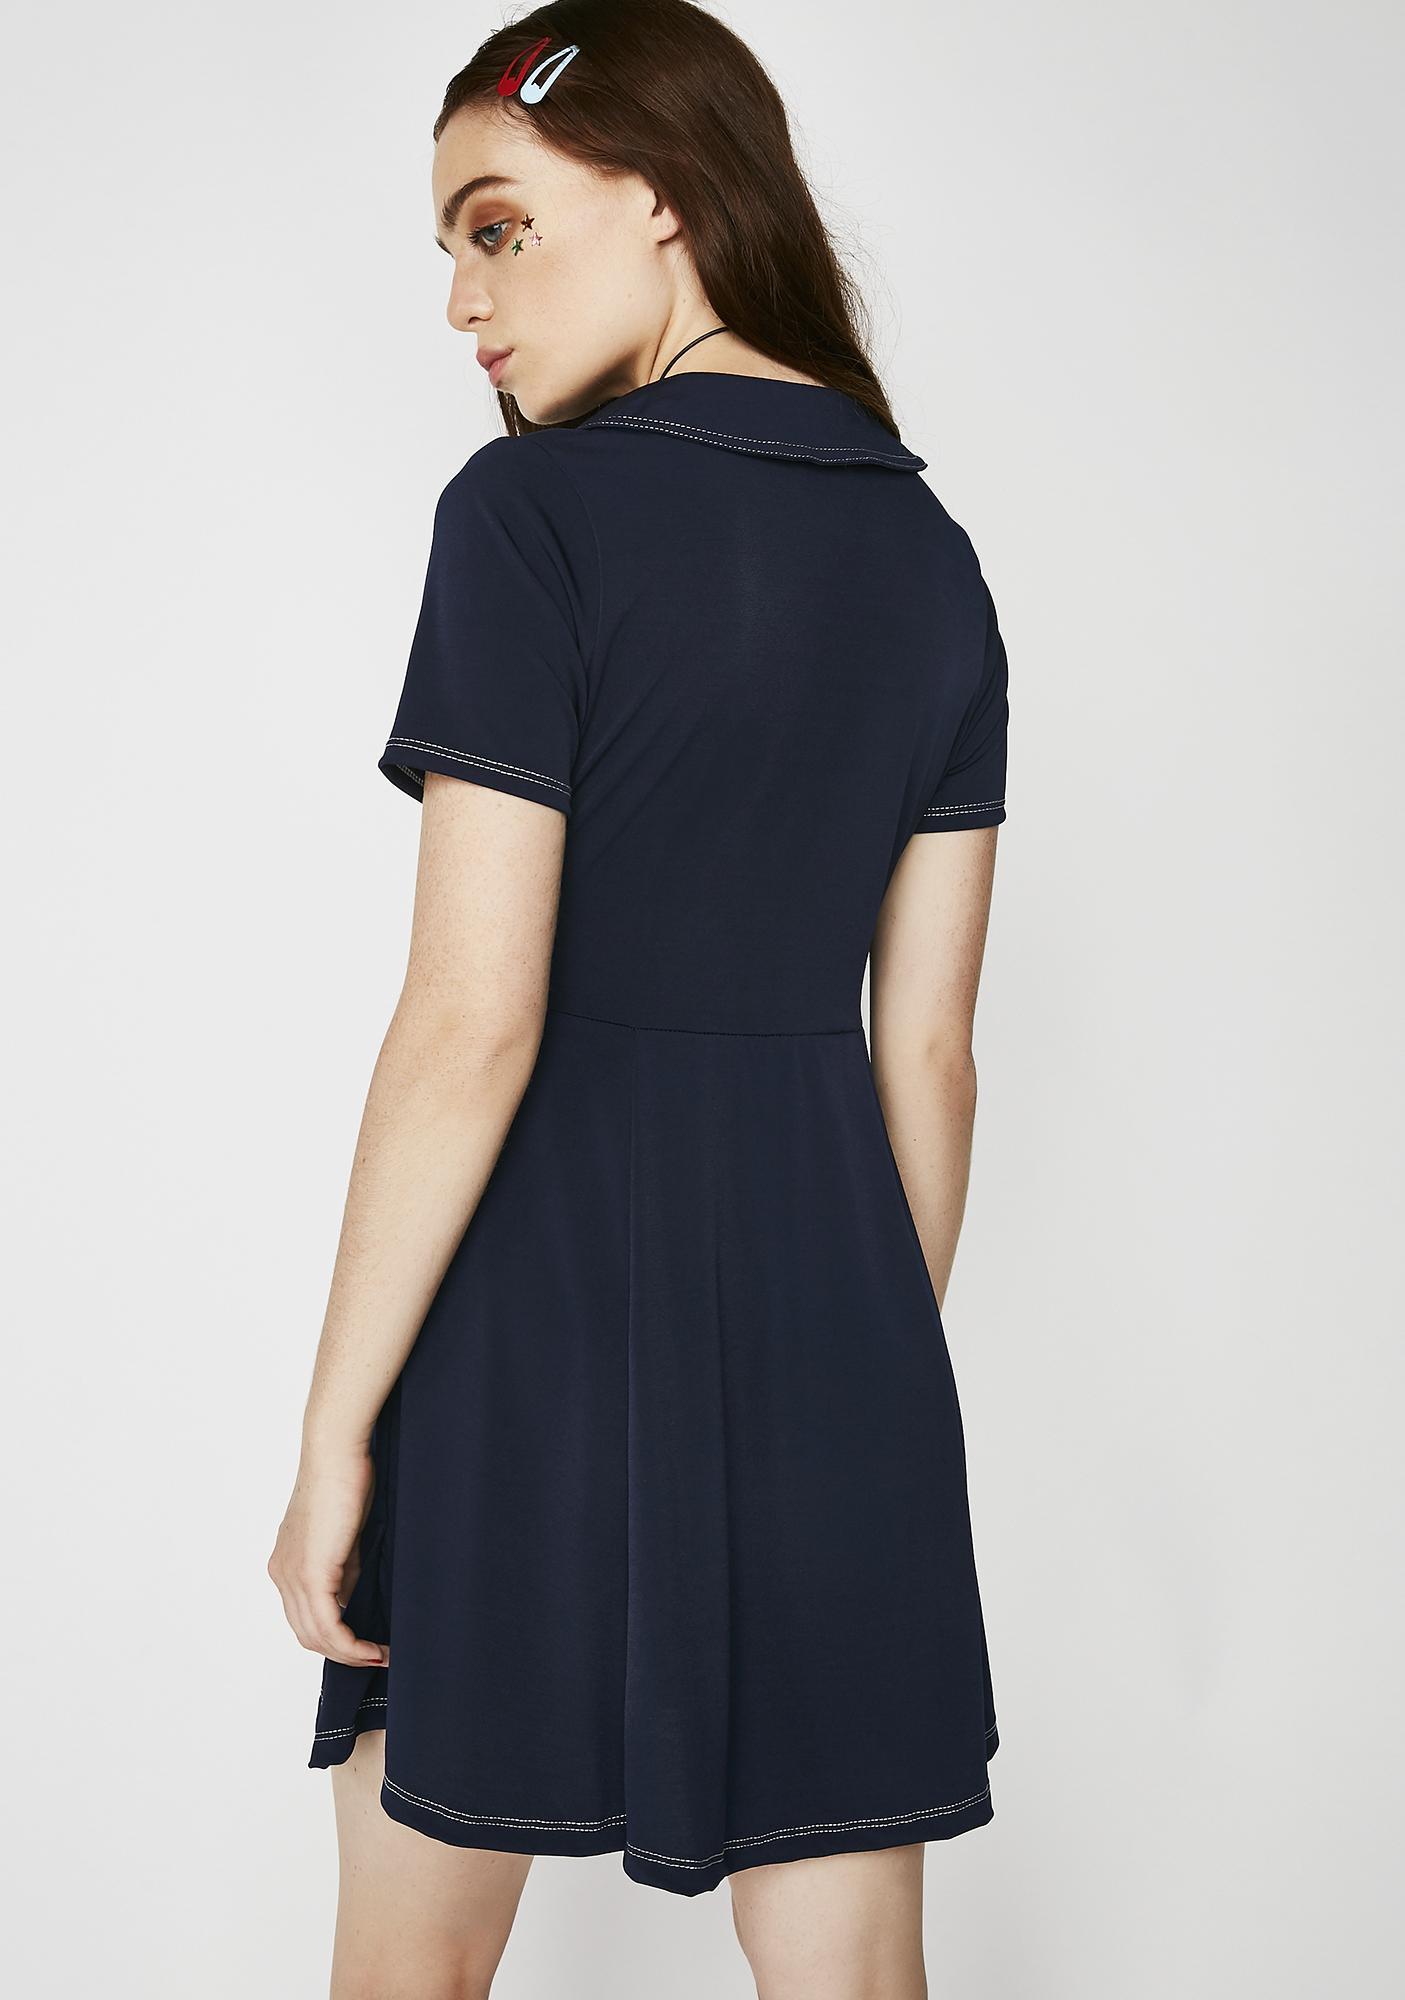 Valfré Corina Dress